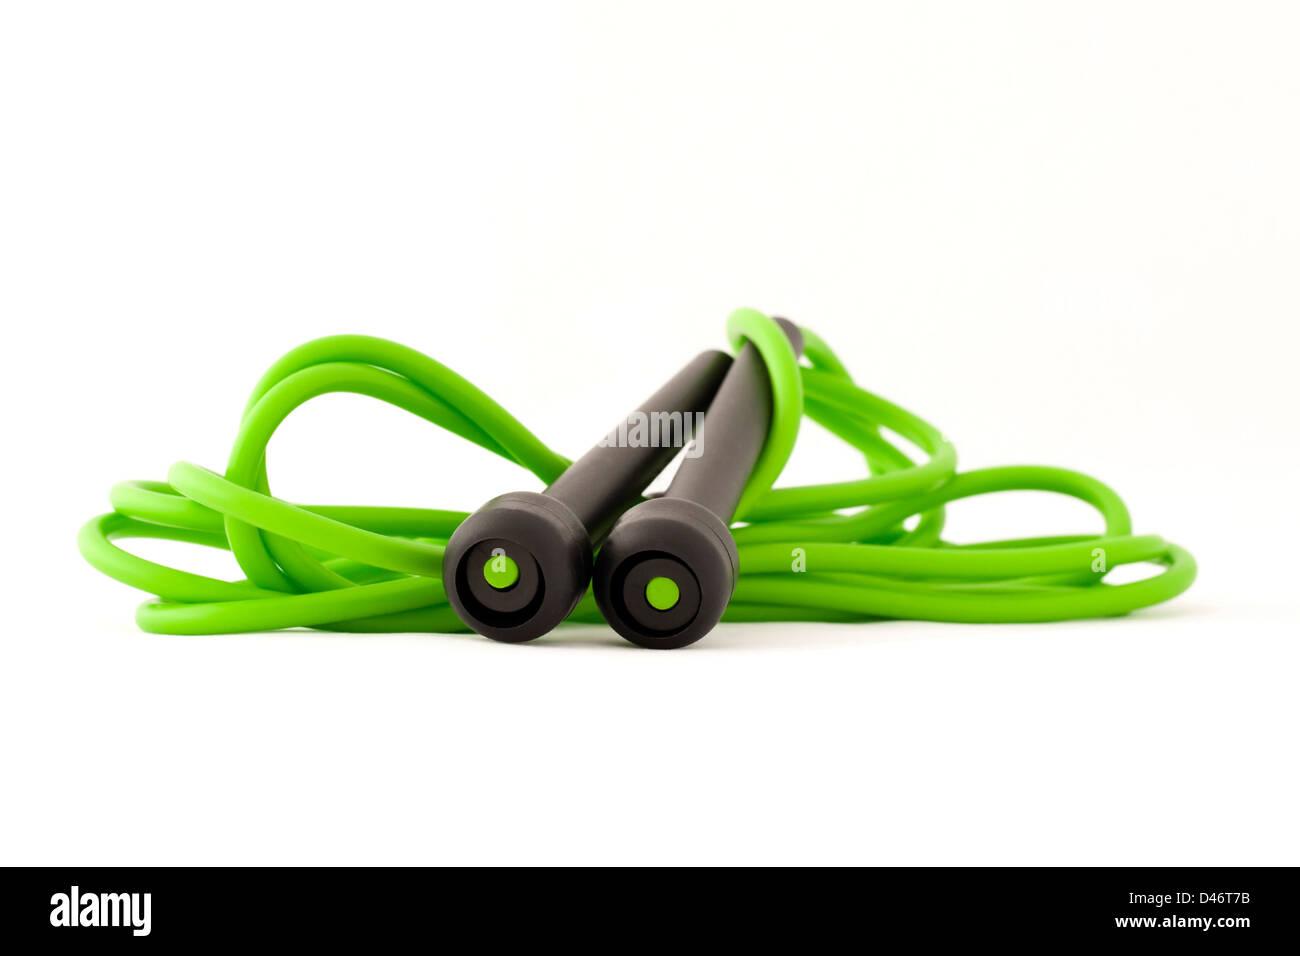 Springseil für eine Übung isoliert auf weißem Hintergrund grün. Sportgeräte. Stockbild